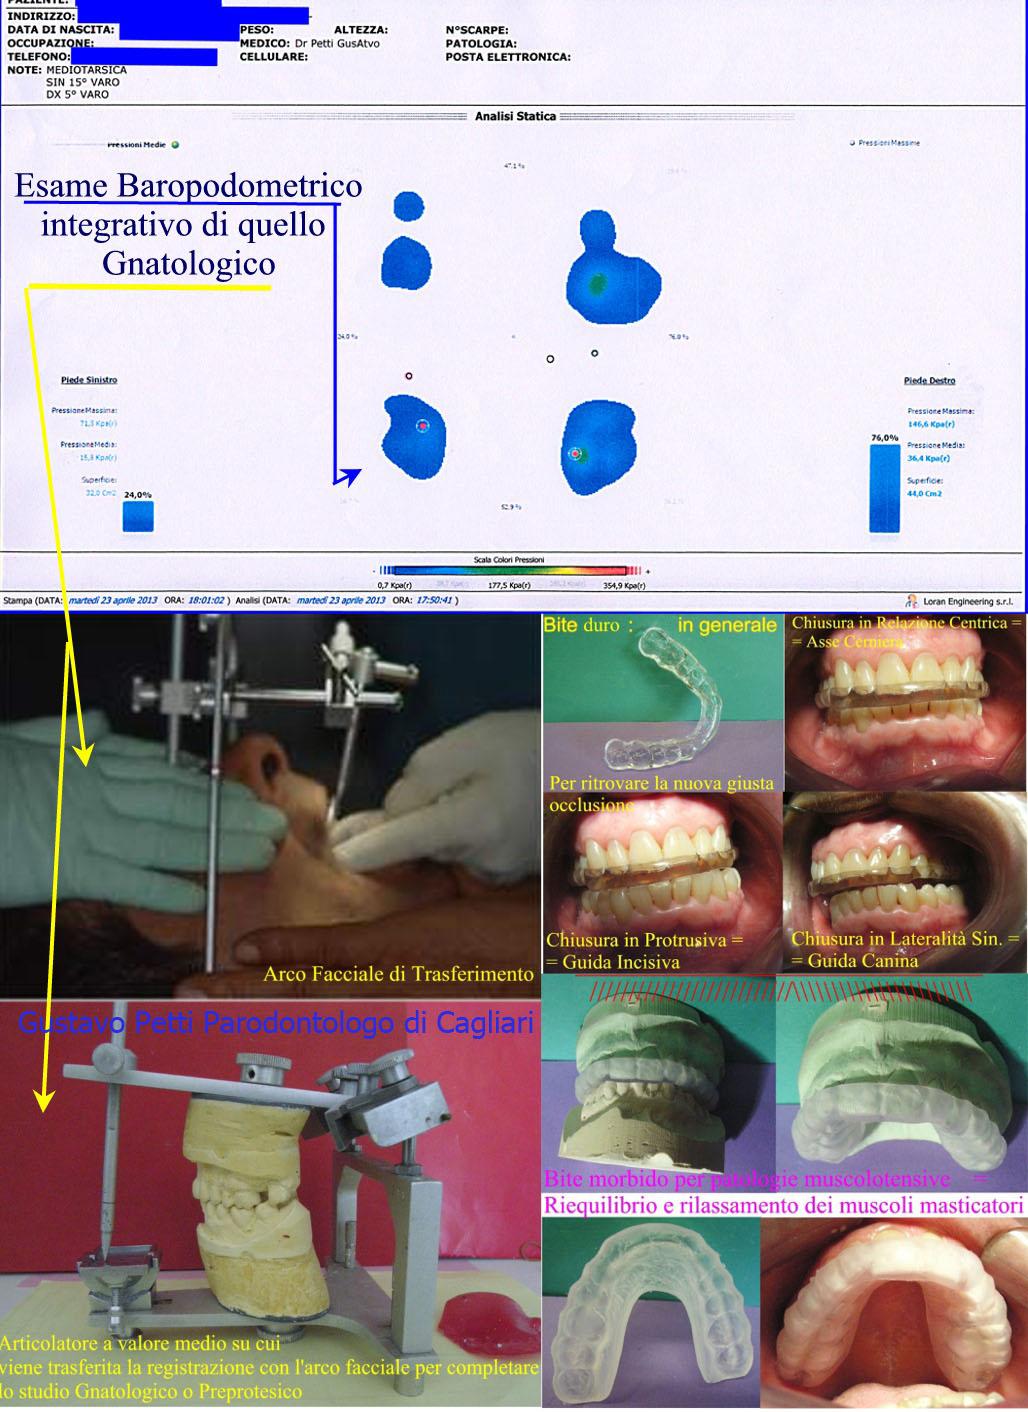 analisi-gnatologica-dr-g.petti-cagliari-2310.jpg